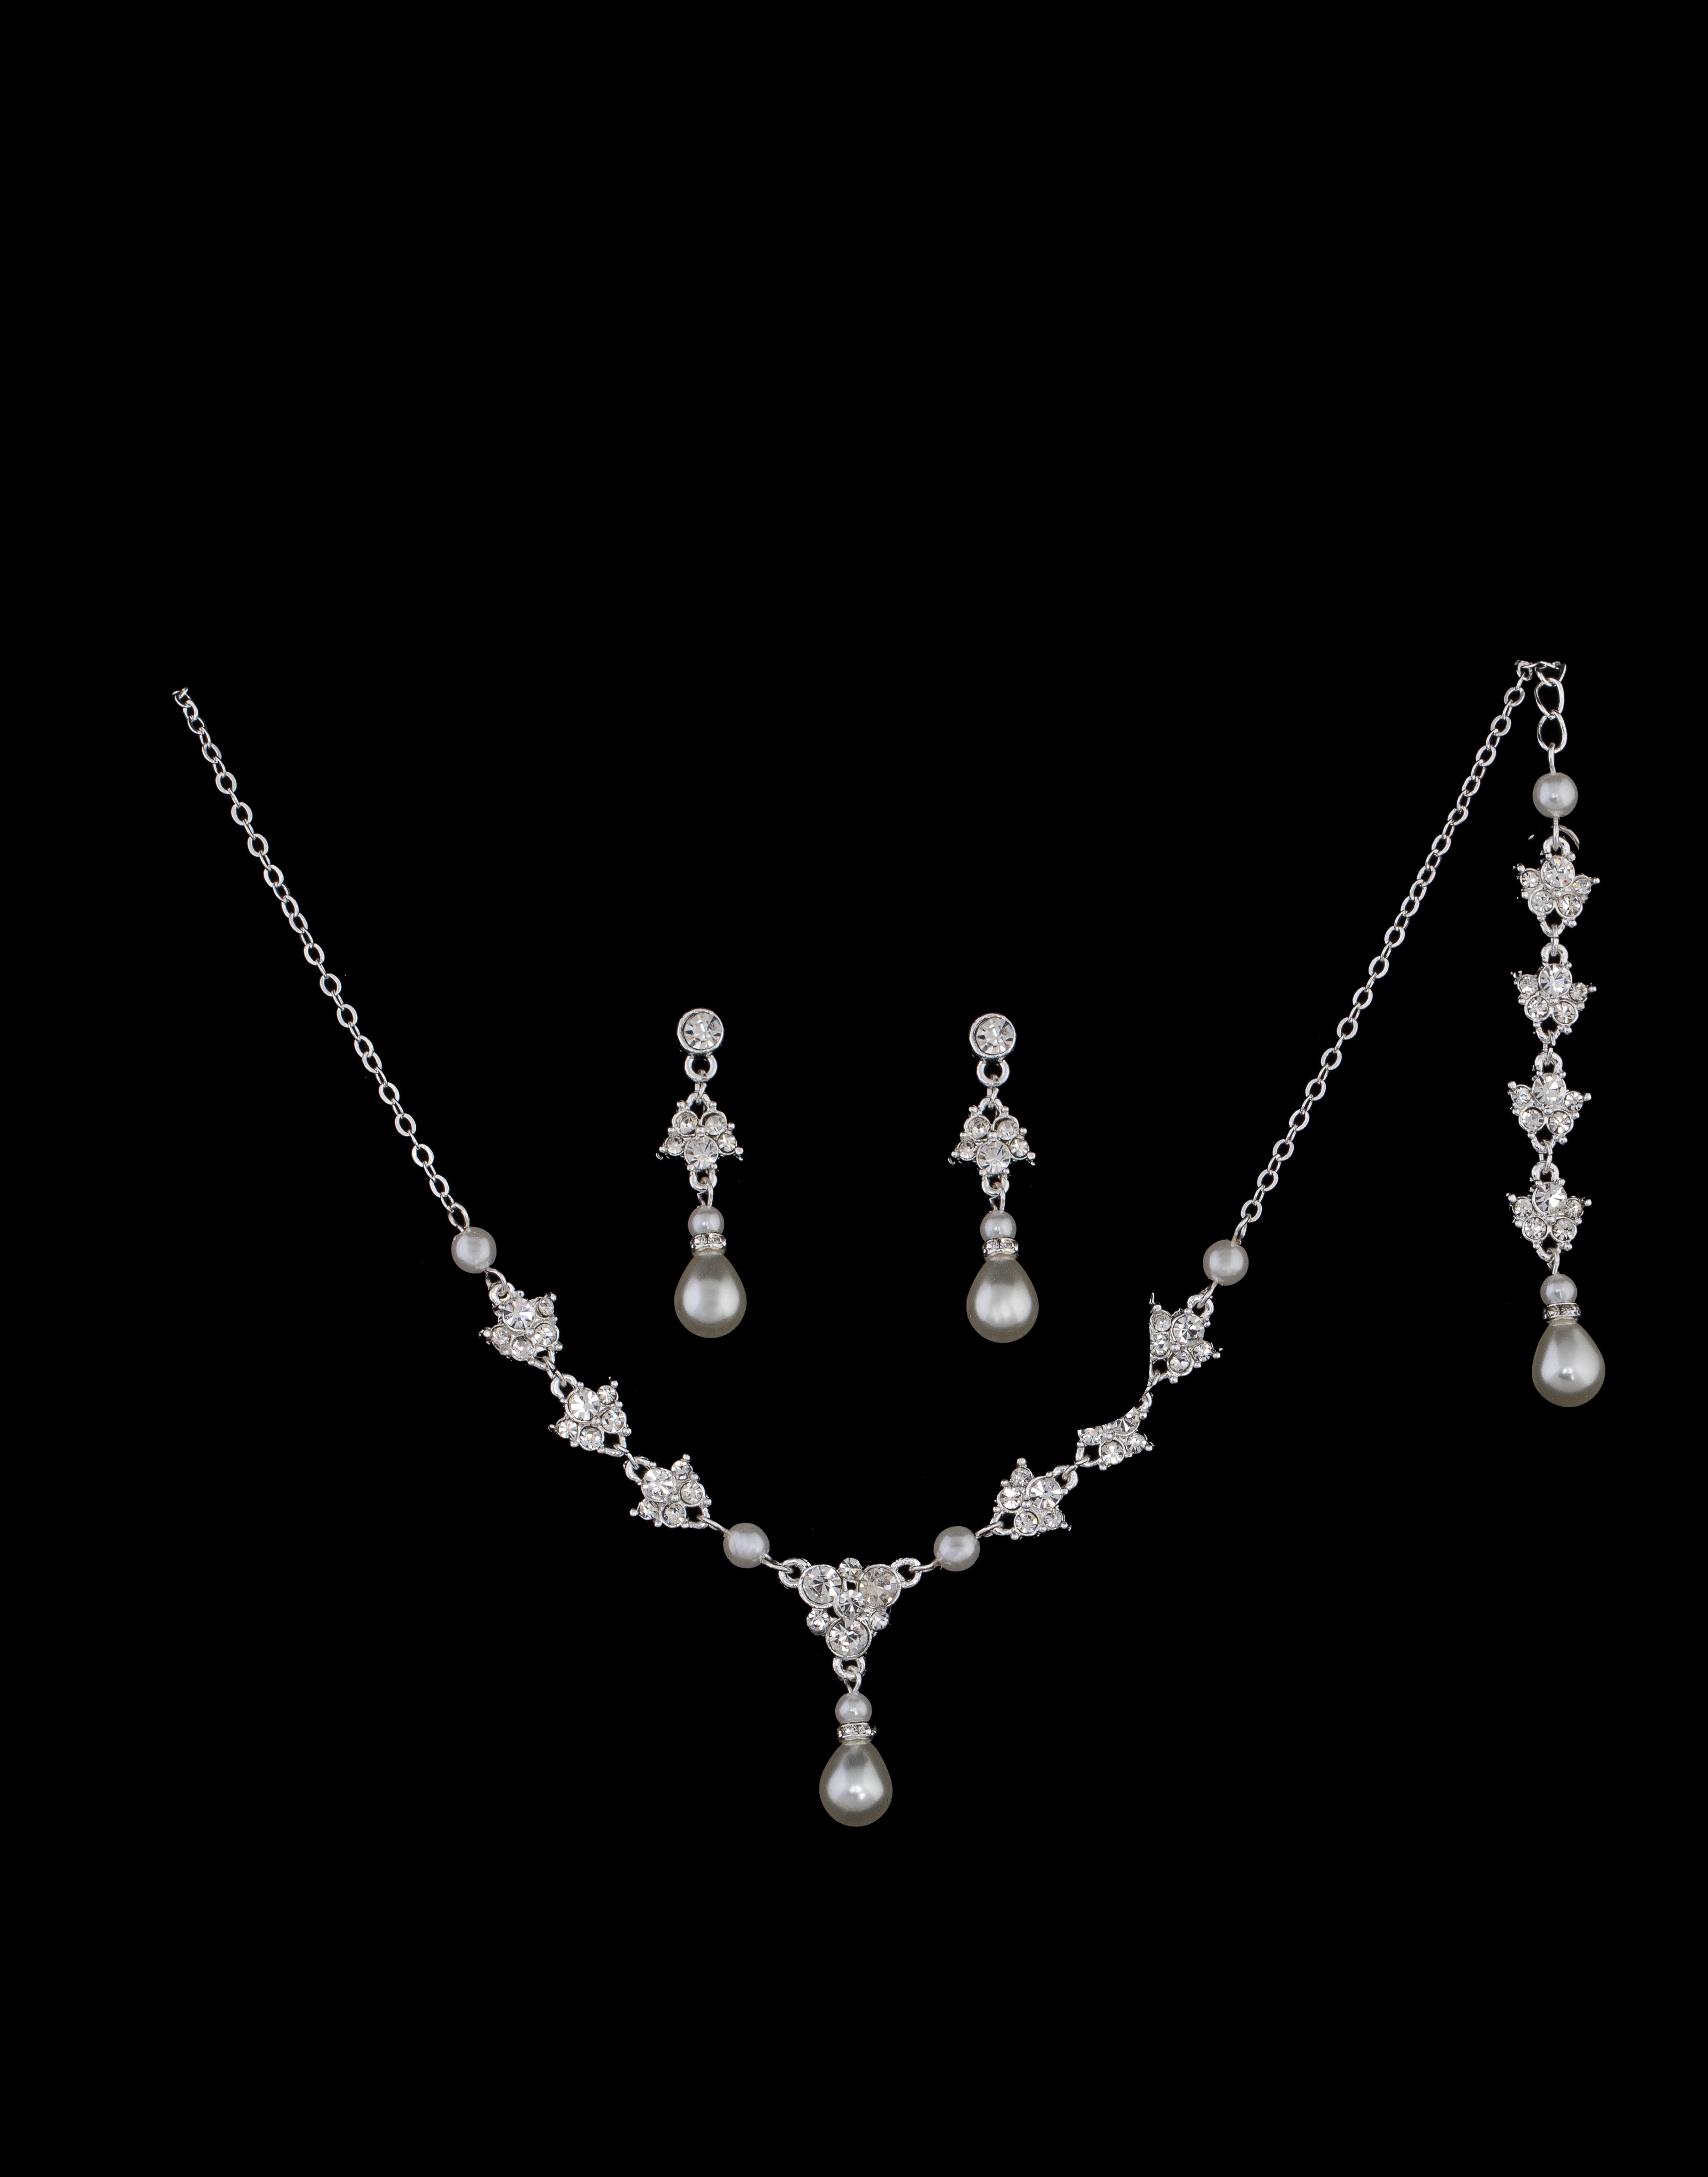 Bridal Classics Necklace Sets MJ-302